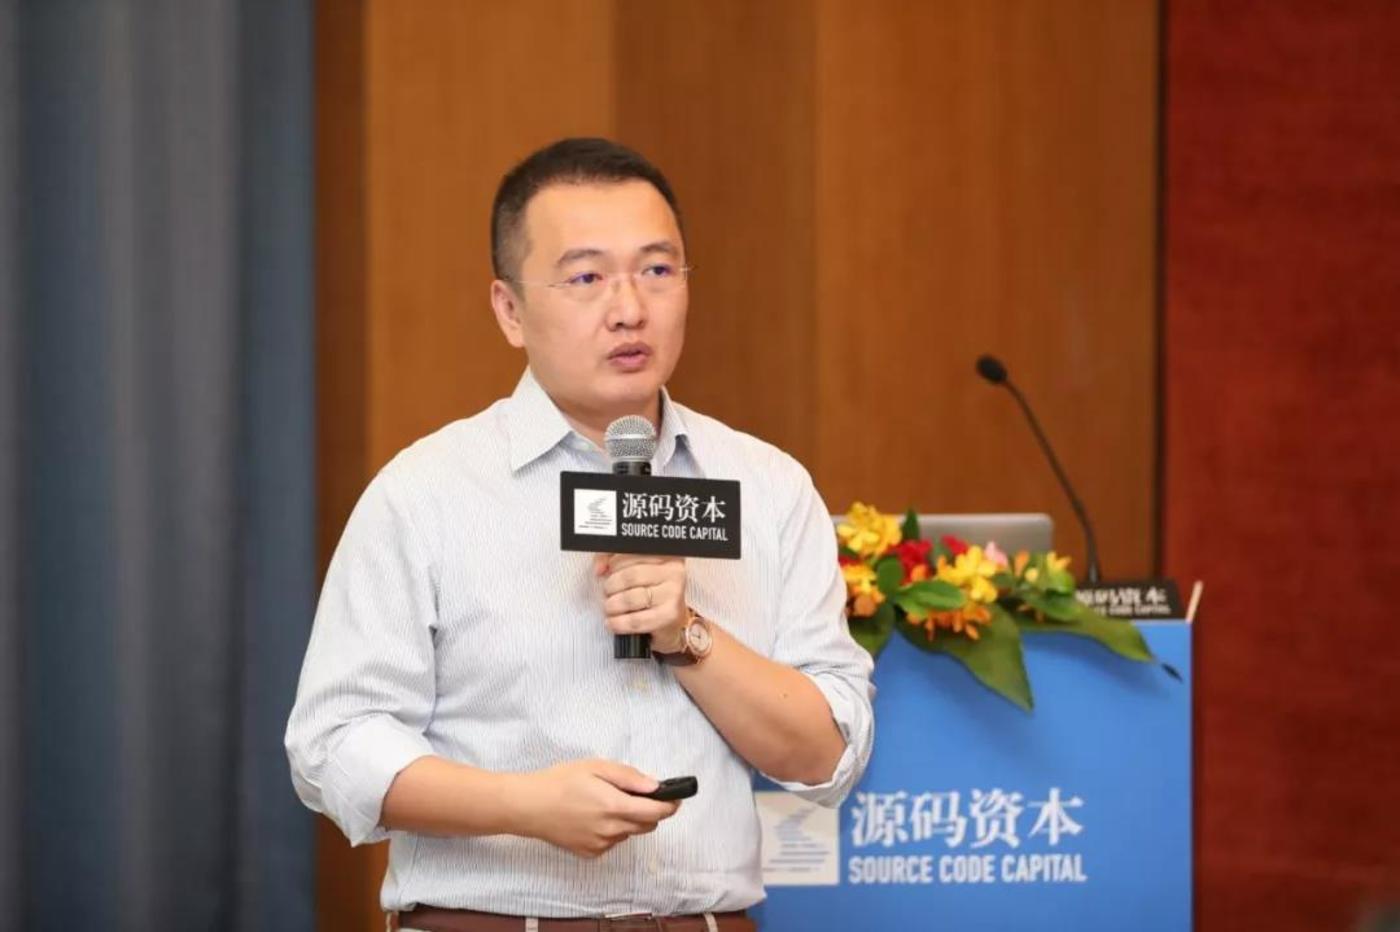 赵梦晗  先生 中伦文德律师事务所私募股权投资组的主管合伙人 曾为一家大型互联网企业的上万名员工设计股权激励计划, 为诸多互联网公司提供员工股权激励专项法律服务。